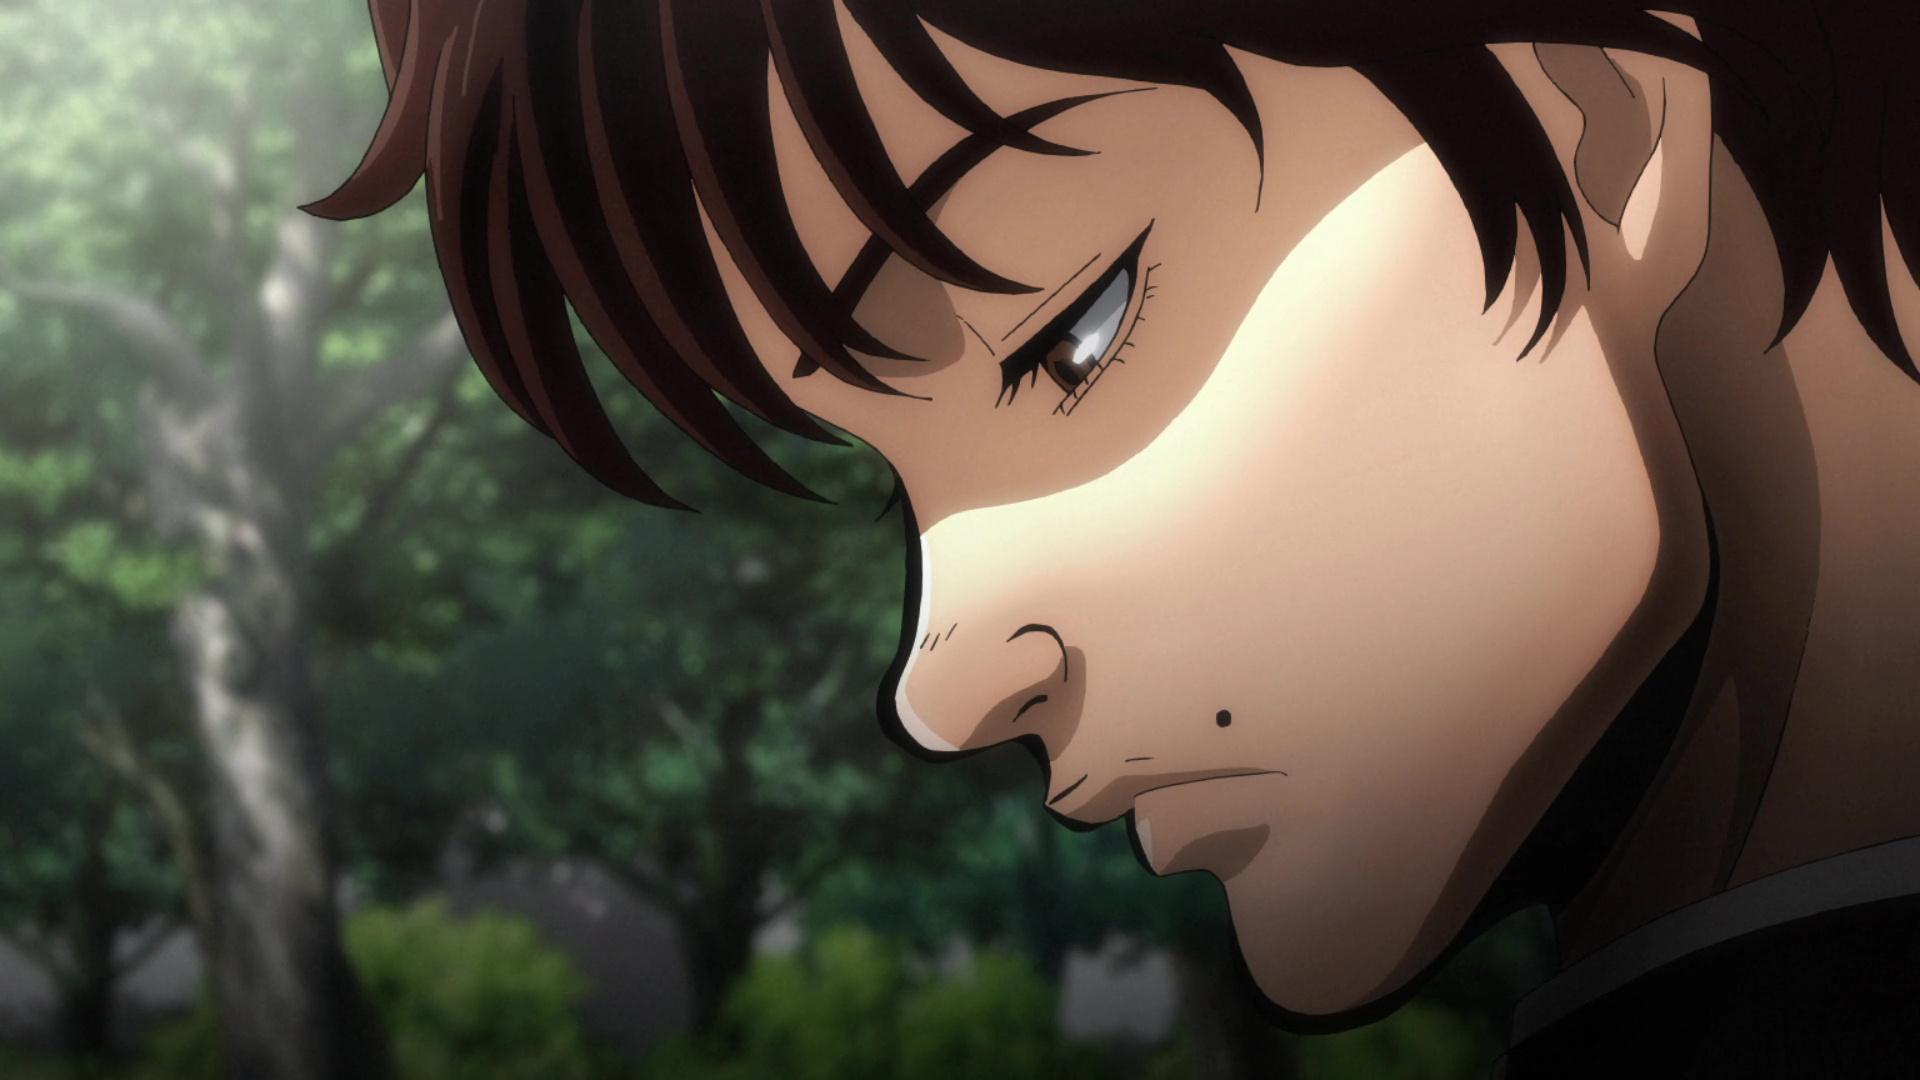 TVアニメ『バキ』第19話「認めるかい?」感想・作品情報 [ネタバレあり]